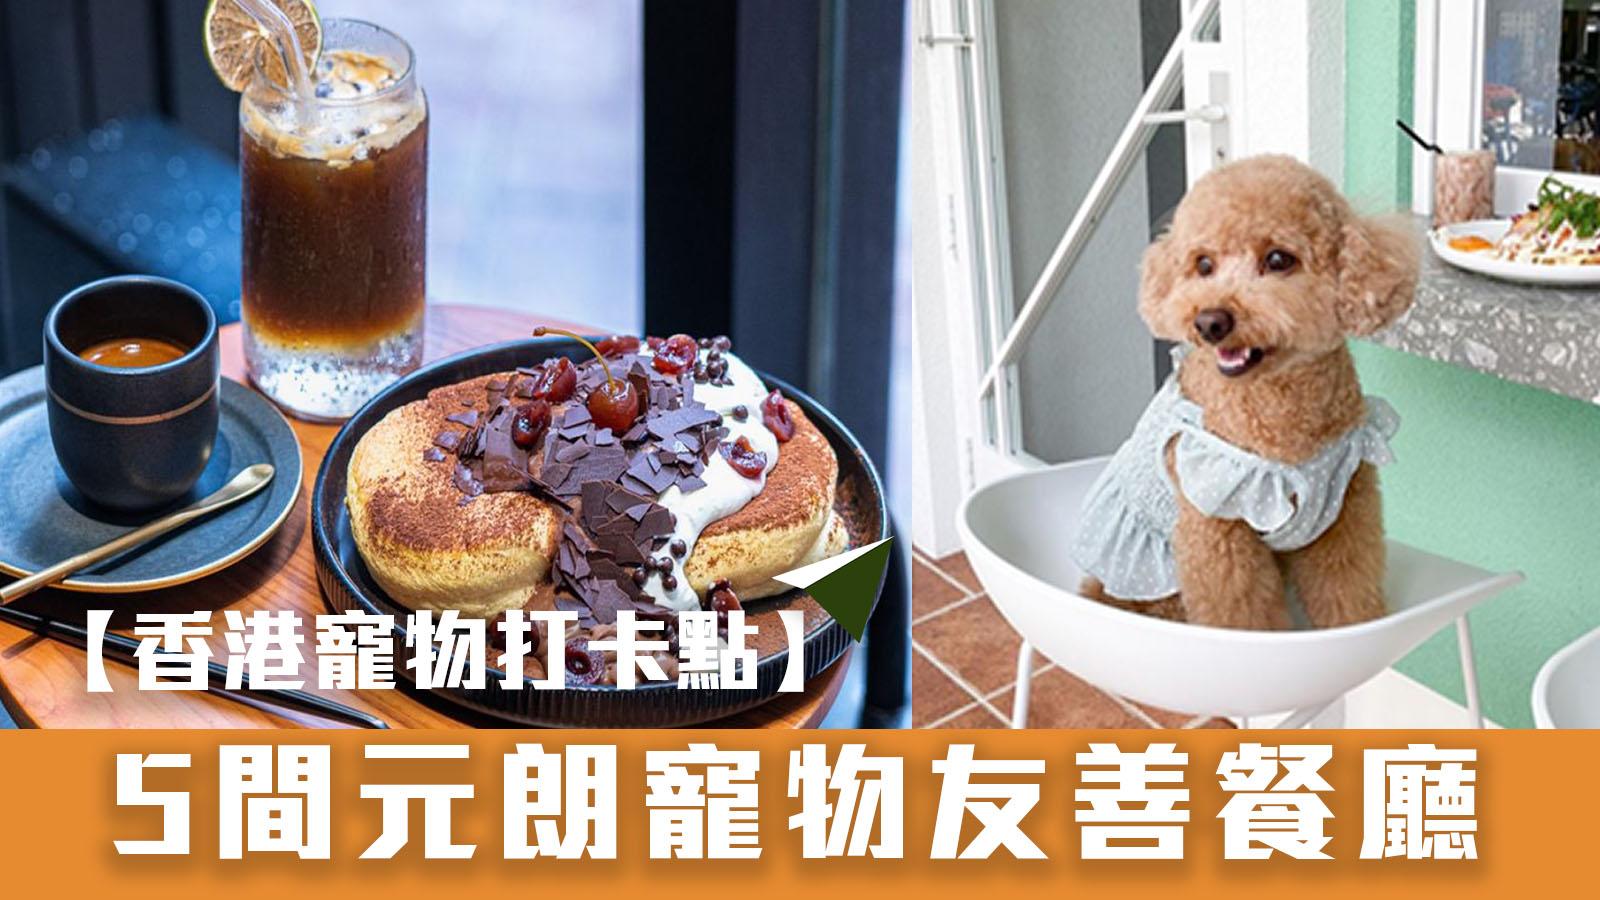 【香港寵物打卡點】5間元朗寵物友善餐廳